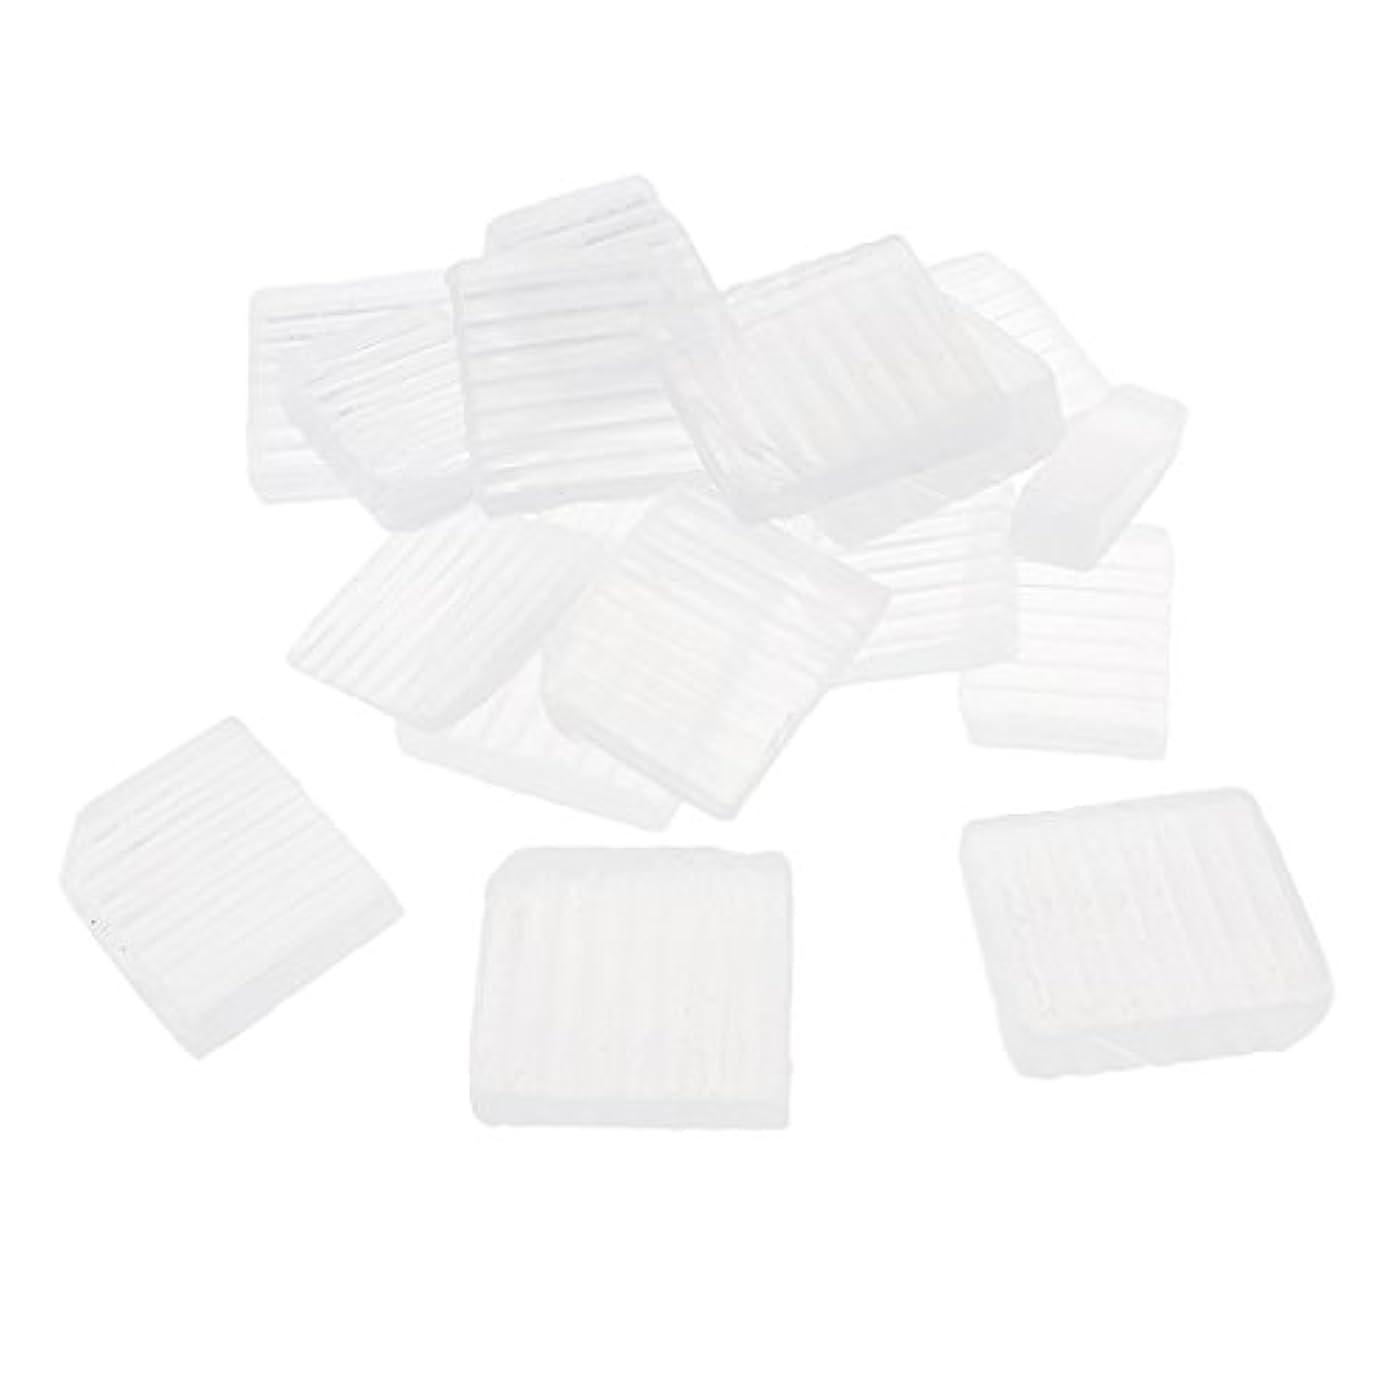 プレビュースペア鯨Hellery 石鹸ベース DIY 石鹸作り プアソープベース 石鹸クラフト 手作り 約1 KG